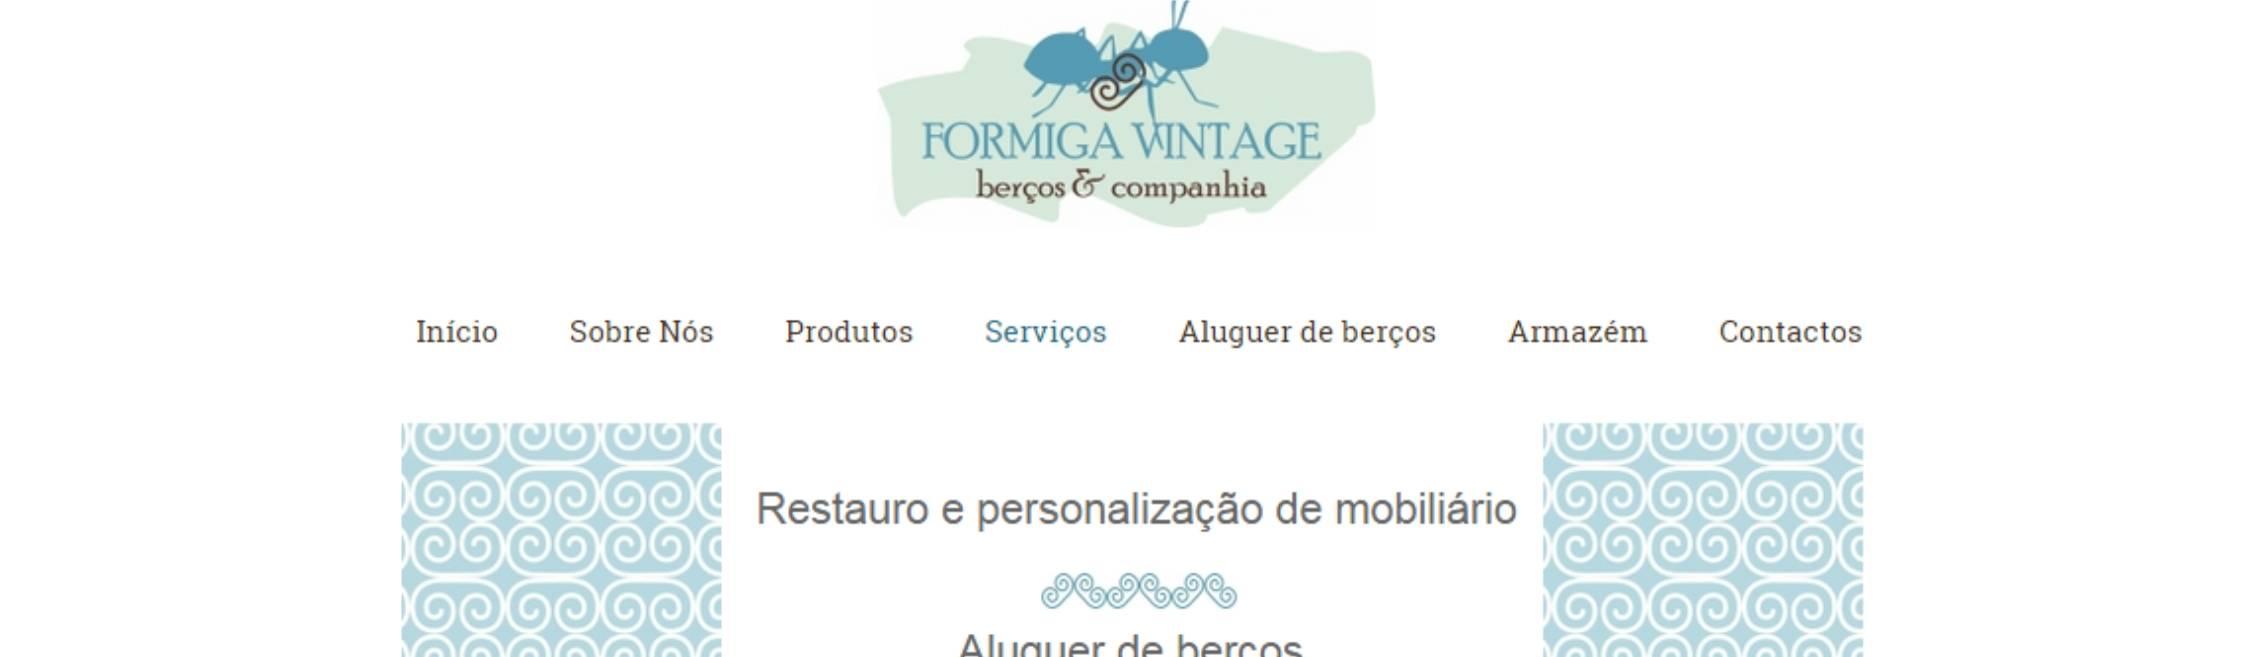 Formiga Vintage